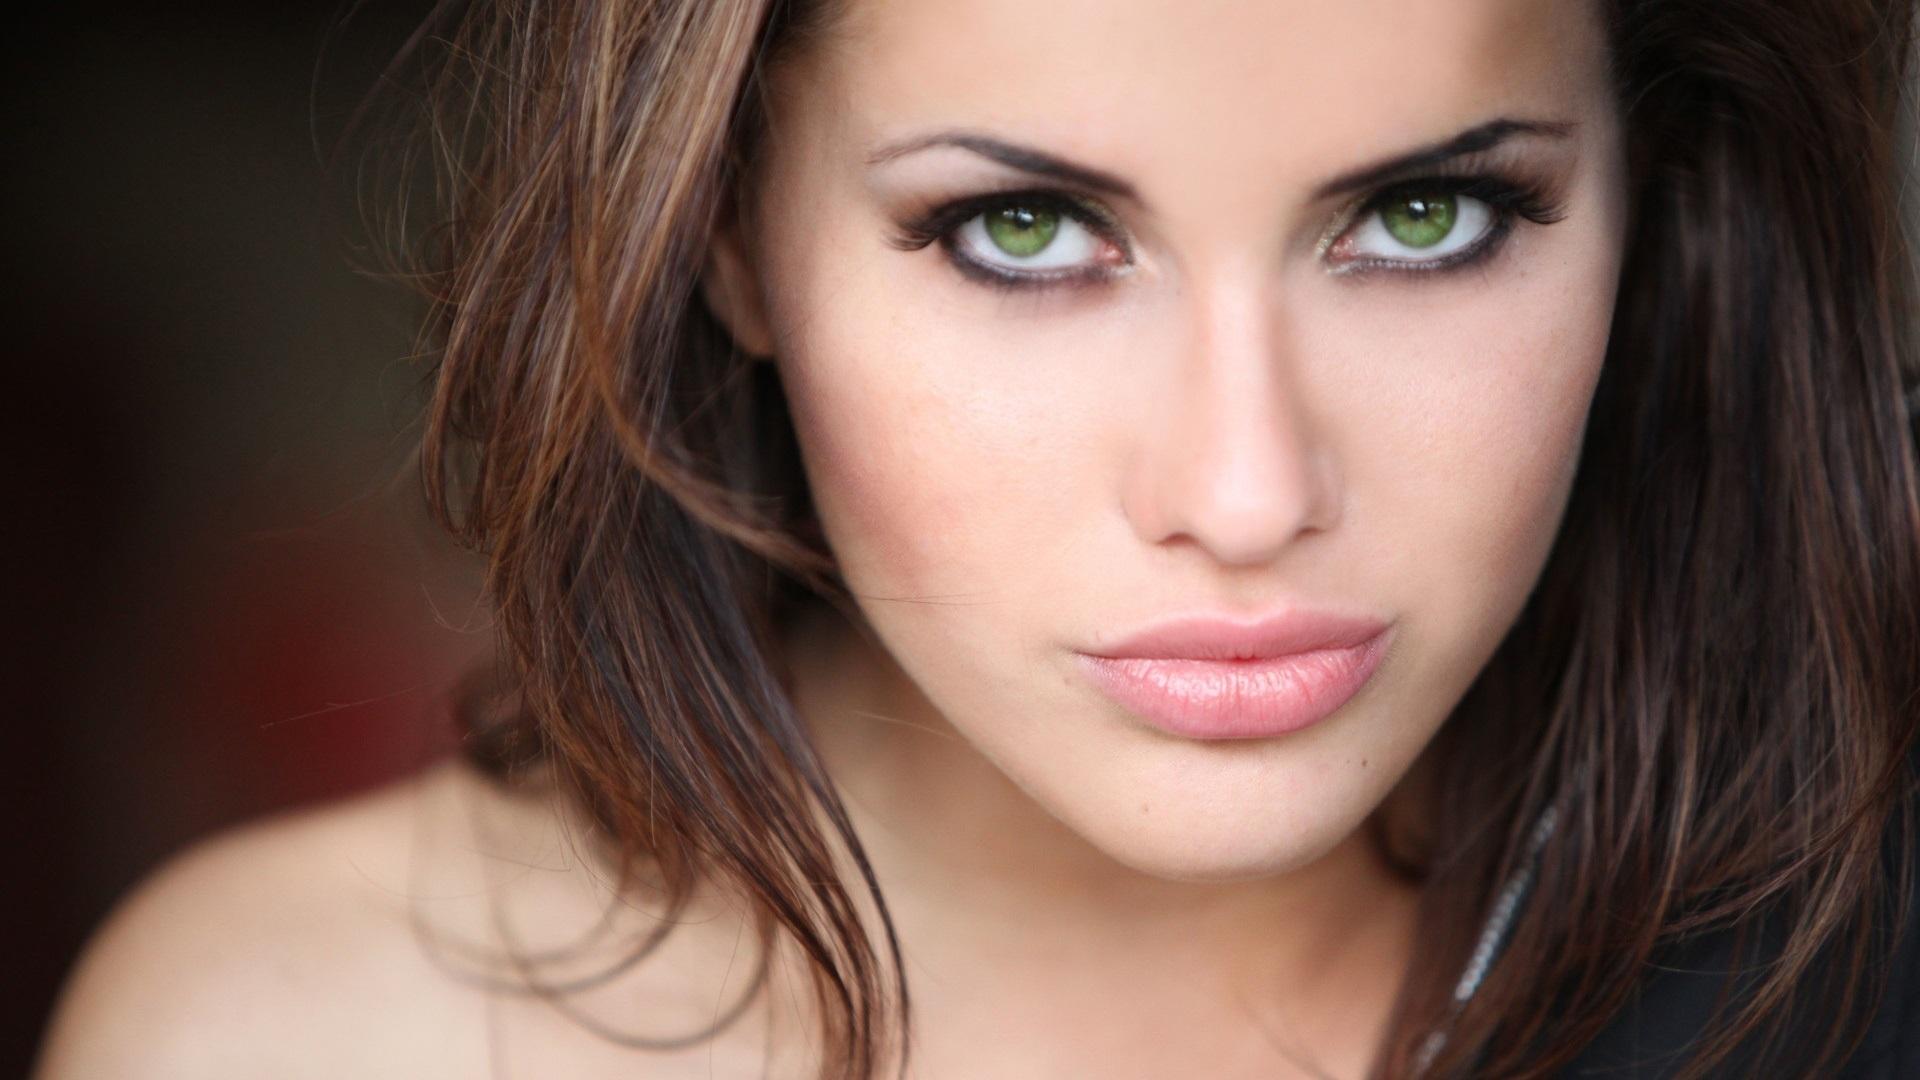 Самые светлые глаза у девушек фото